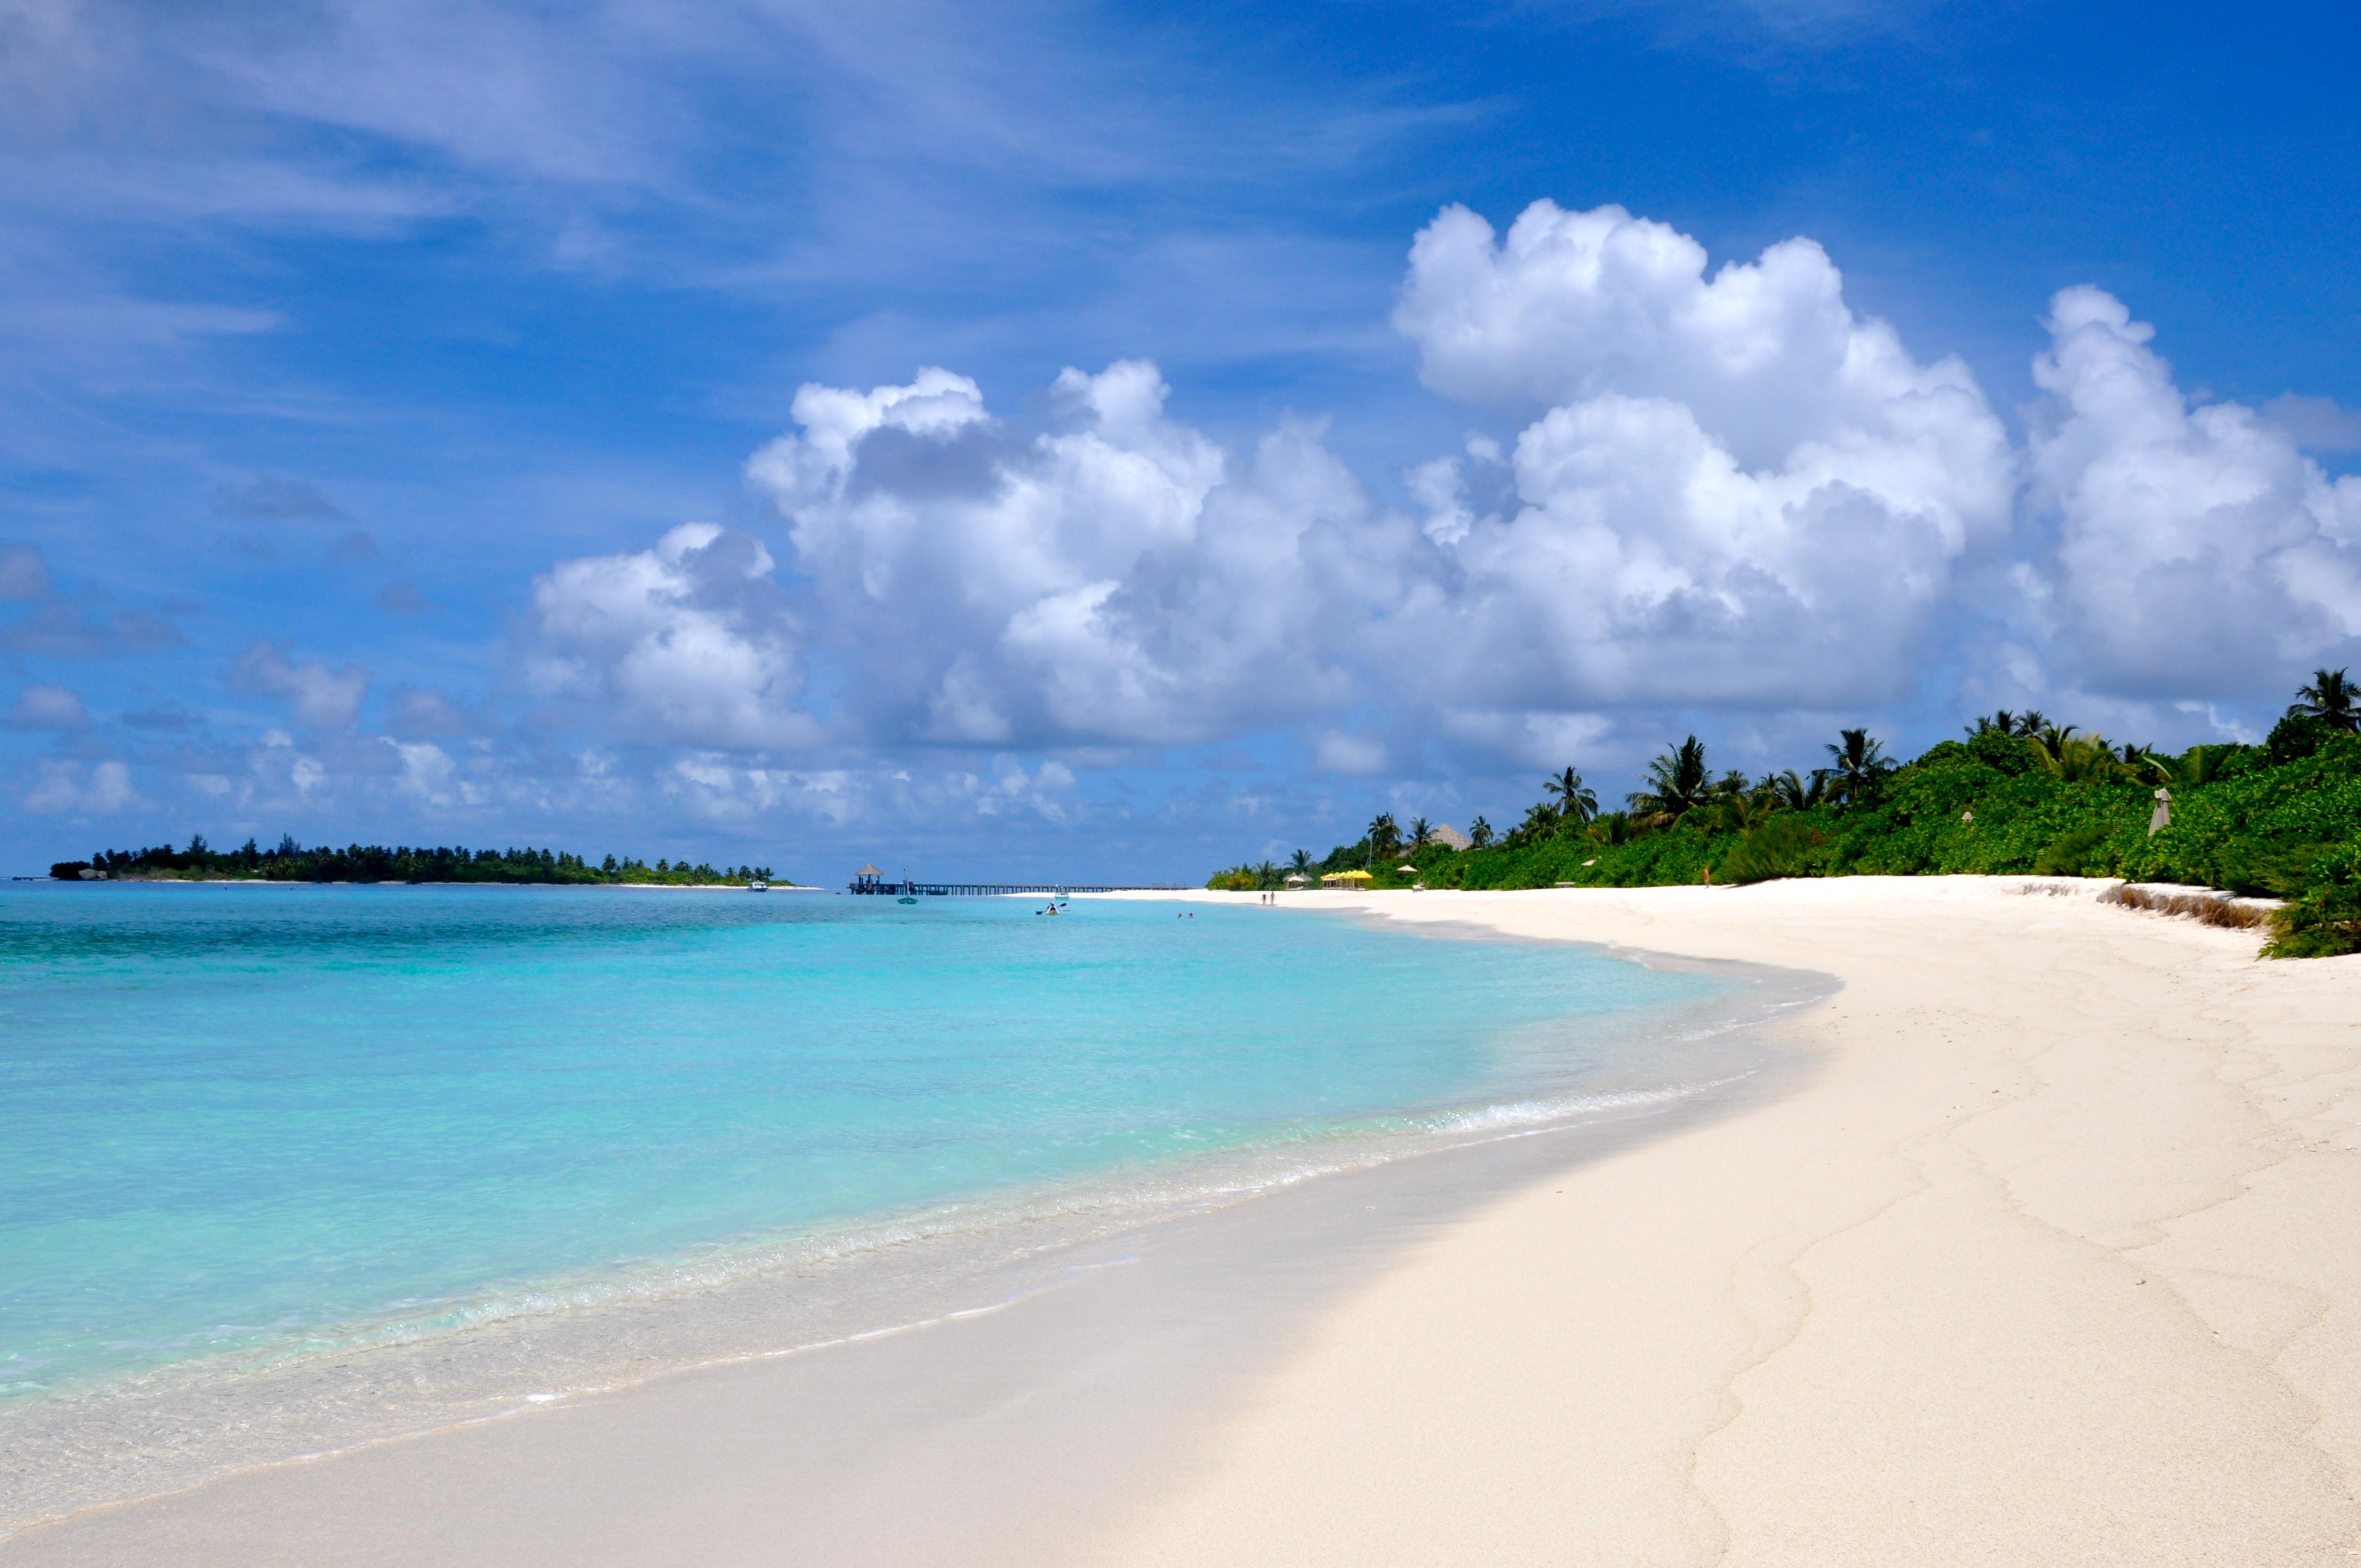 63241 Заставки и Обои Песок на телефон. Скачать Песок, Природа, Пляж, Лето, Мальдивы картинки бесплатно